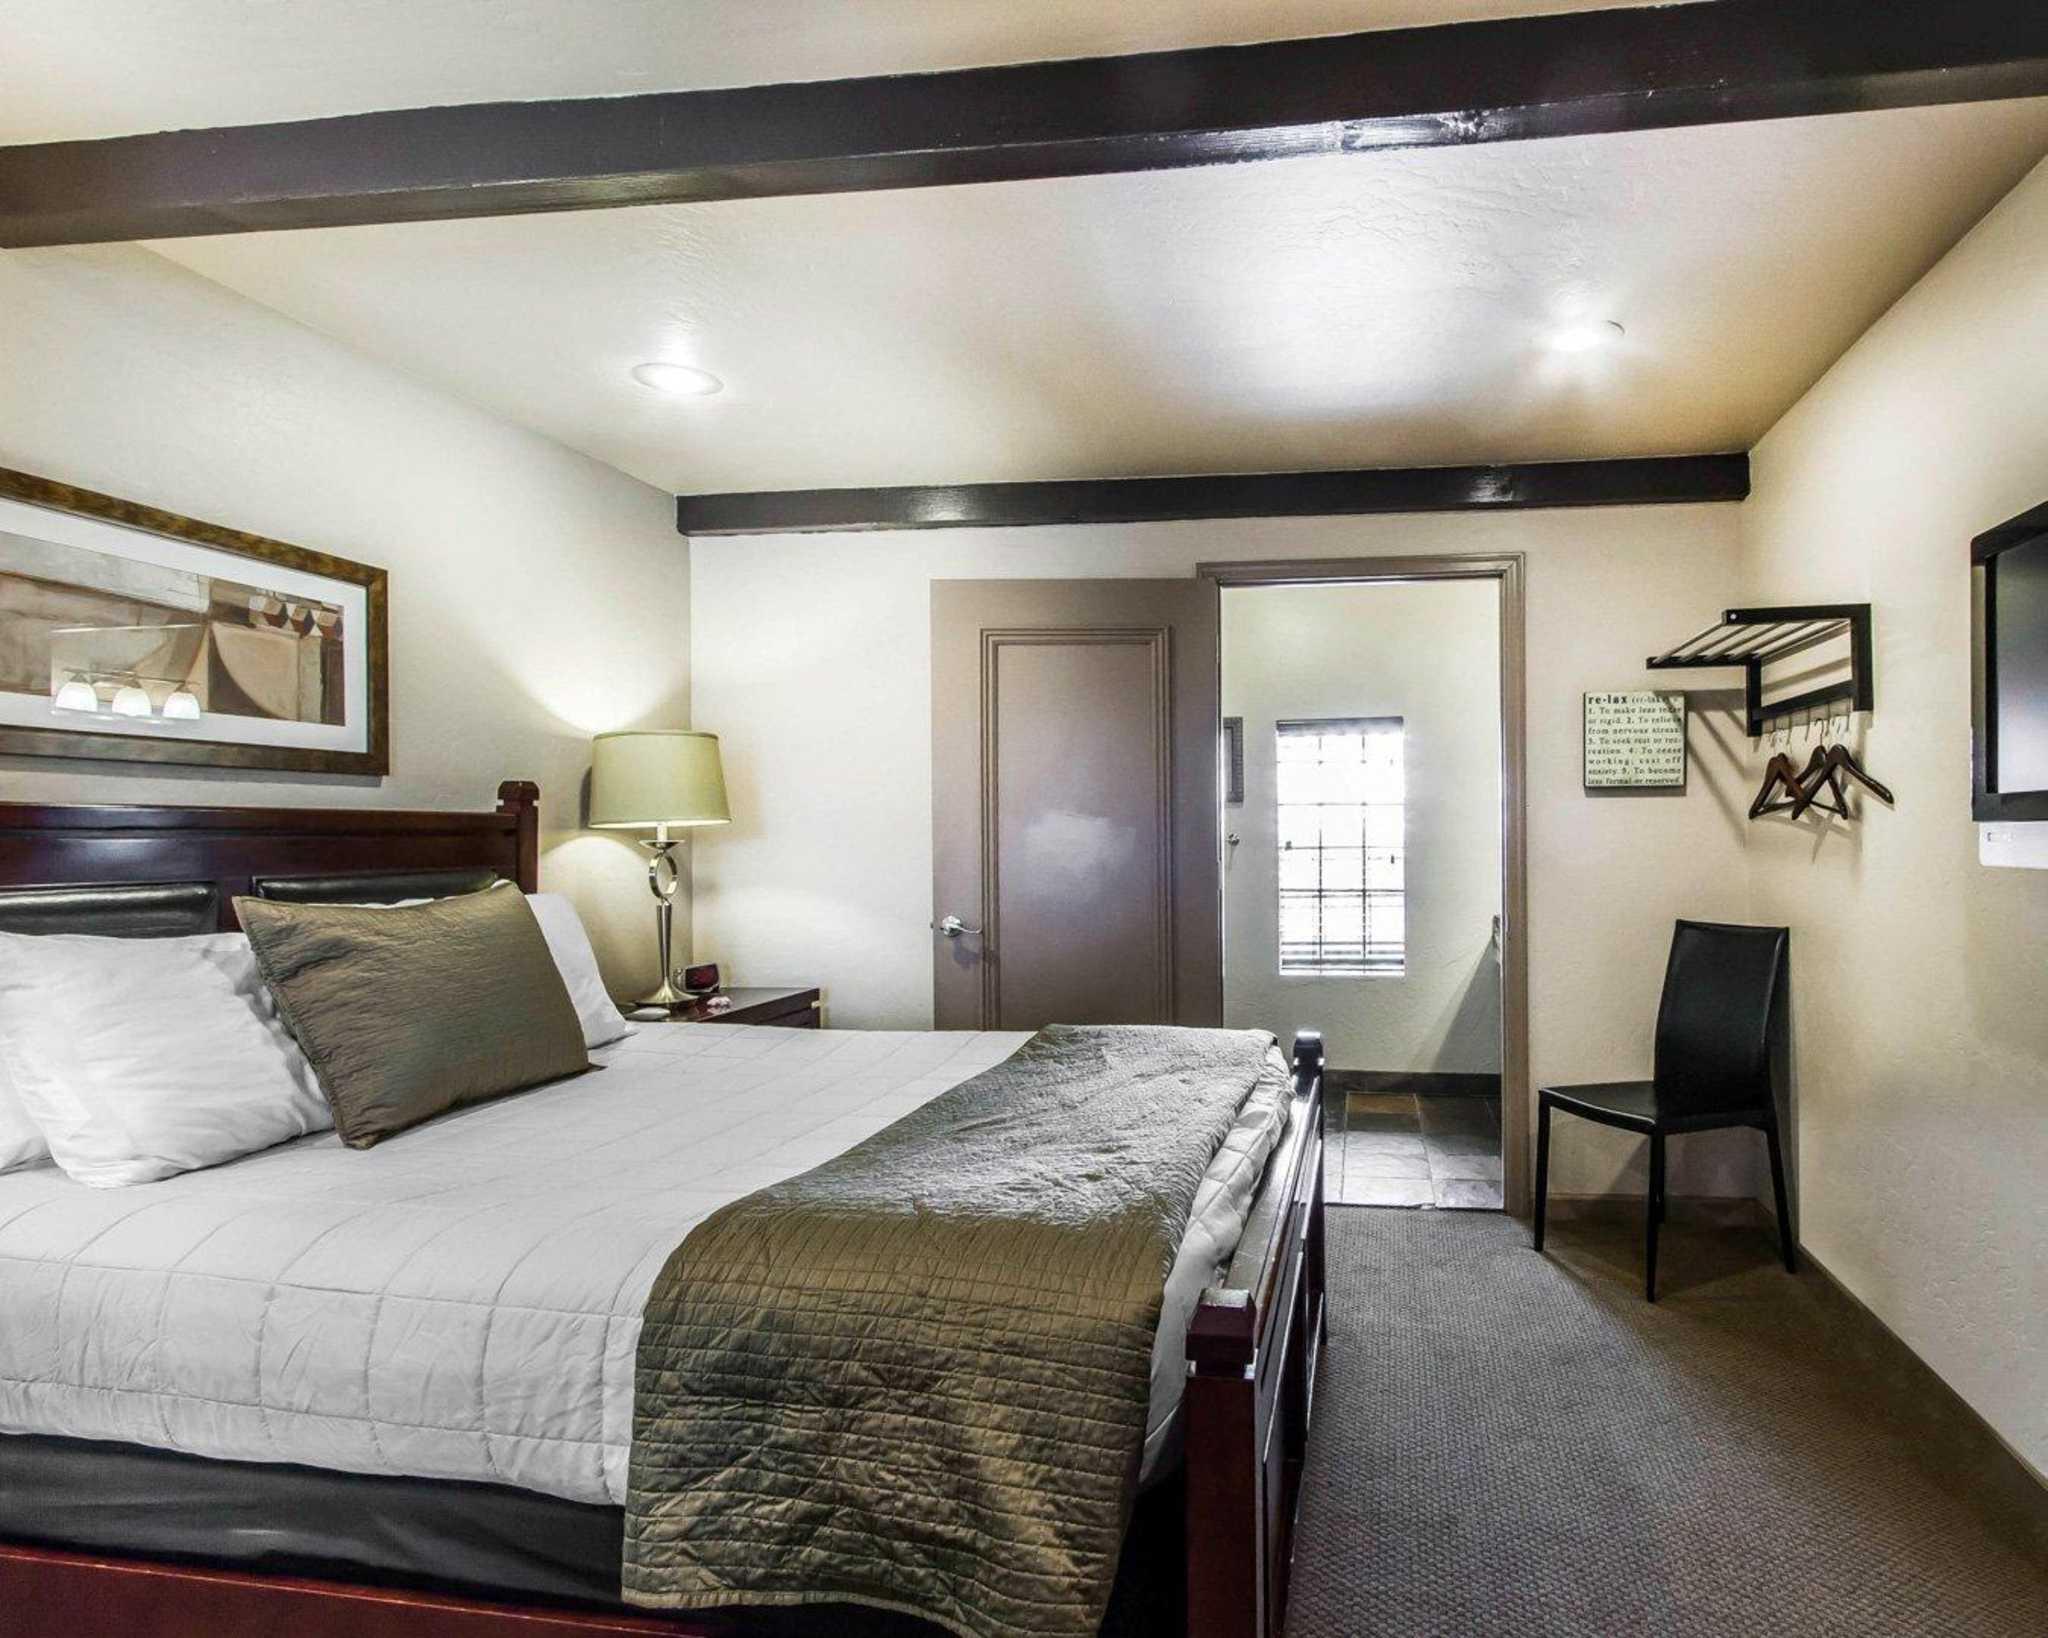 Rodeway Inn & Suites Downtowner-Rte 66 image 14